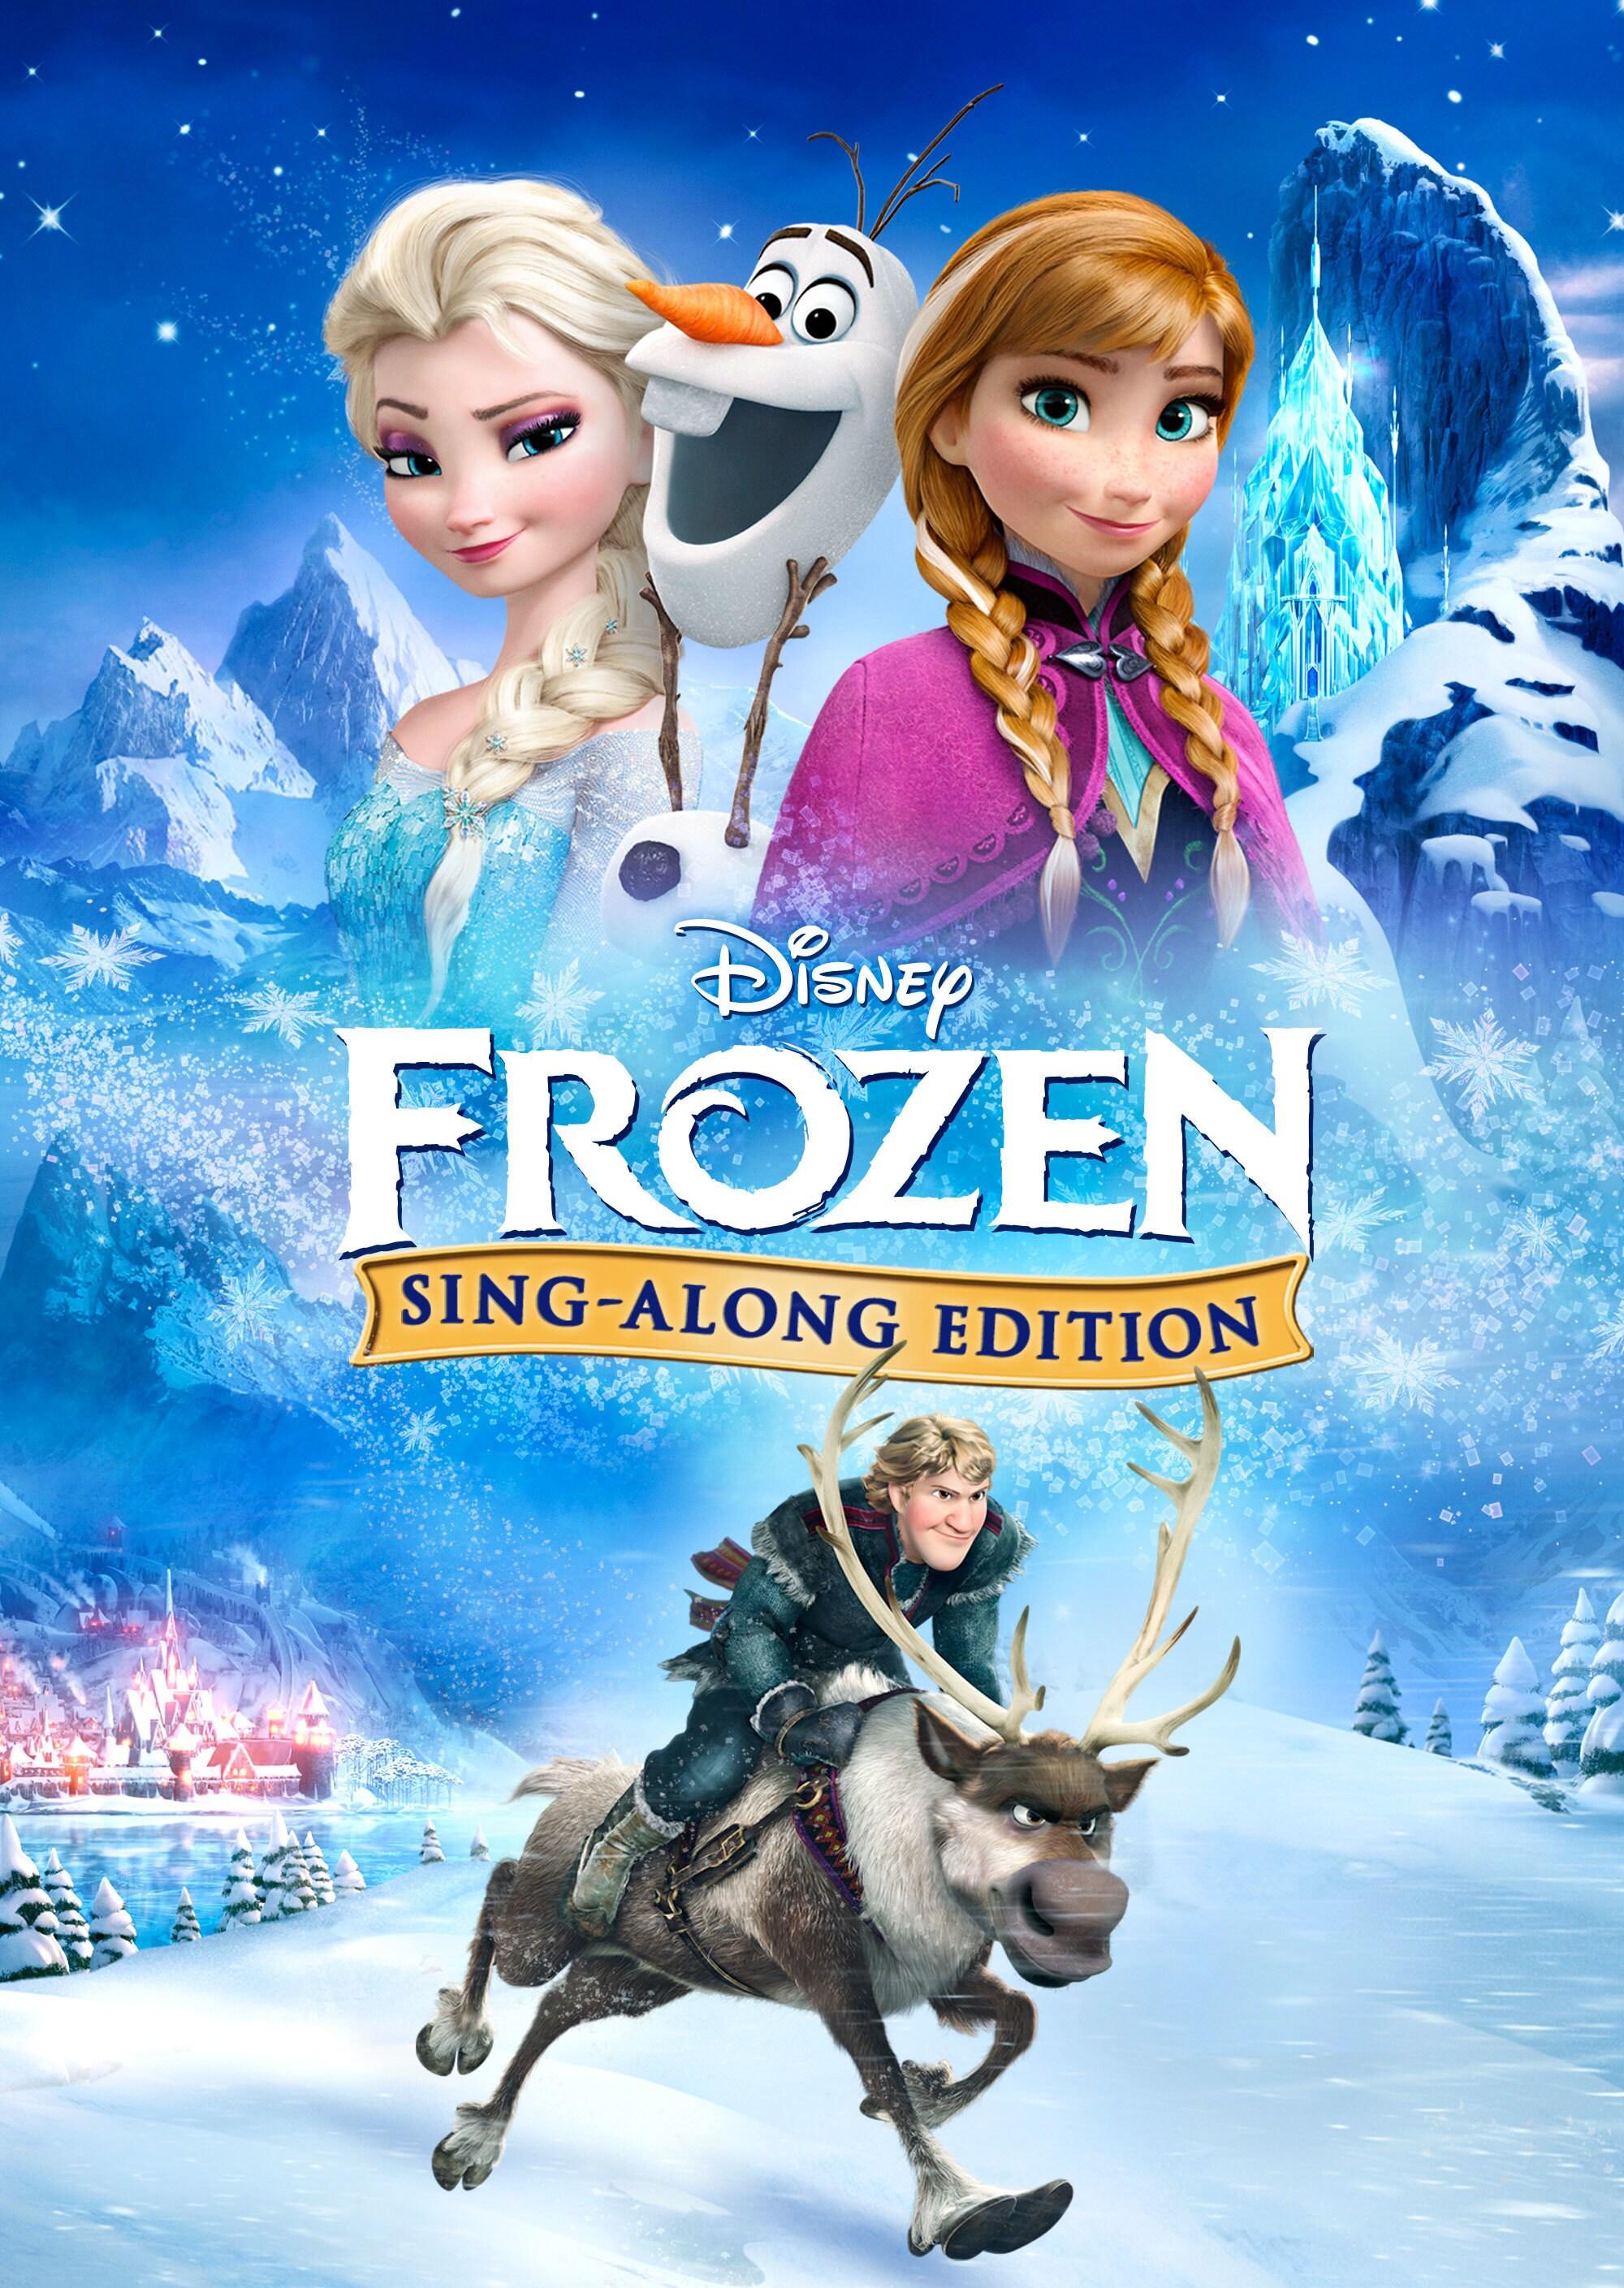 ผจญภัยคำสาปราชินีหิมะ (เวอร์ชันร้องเพลงไปกับหนัง)